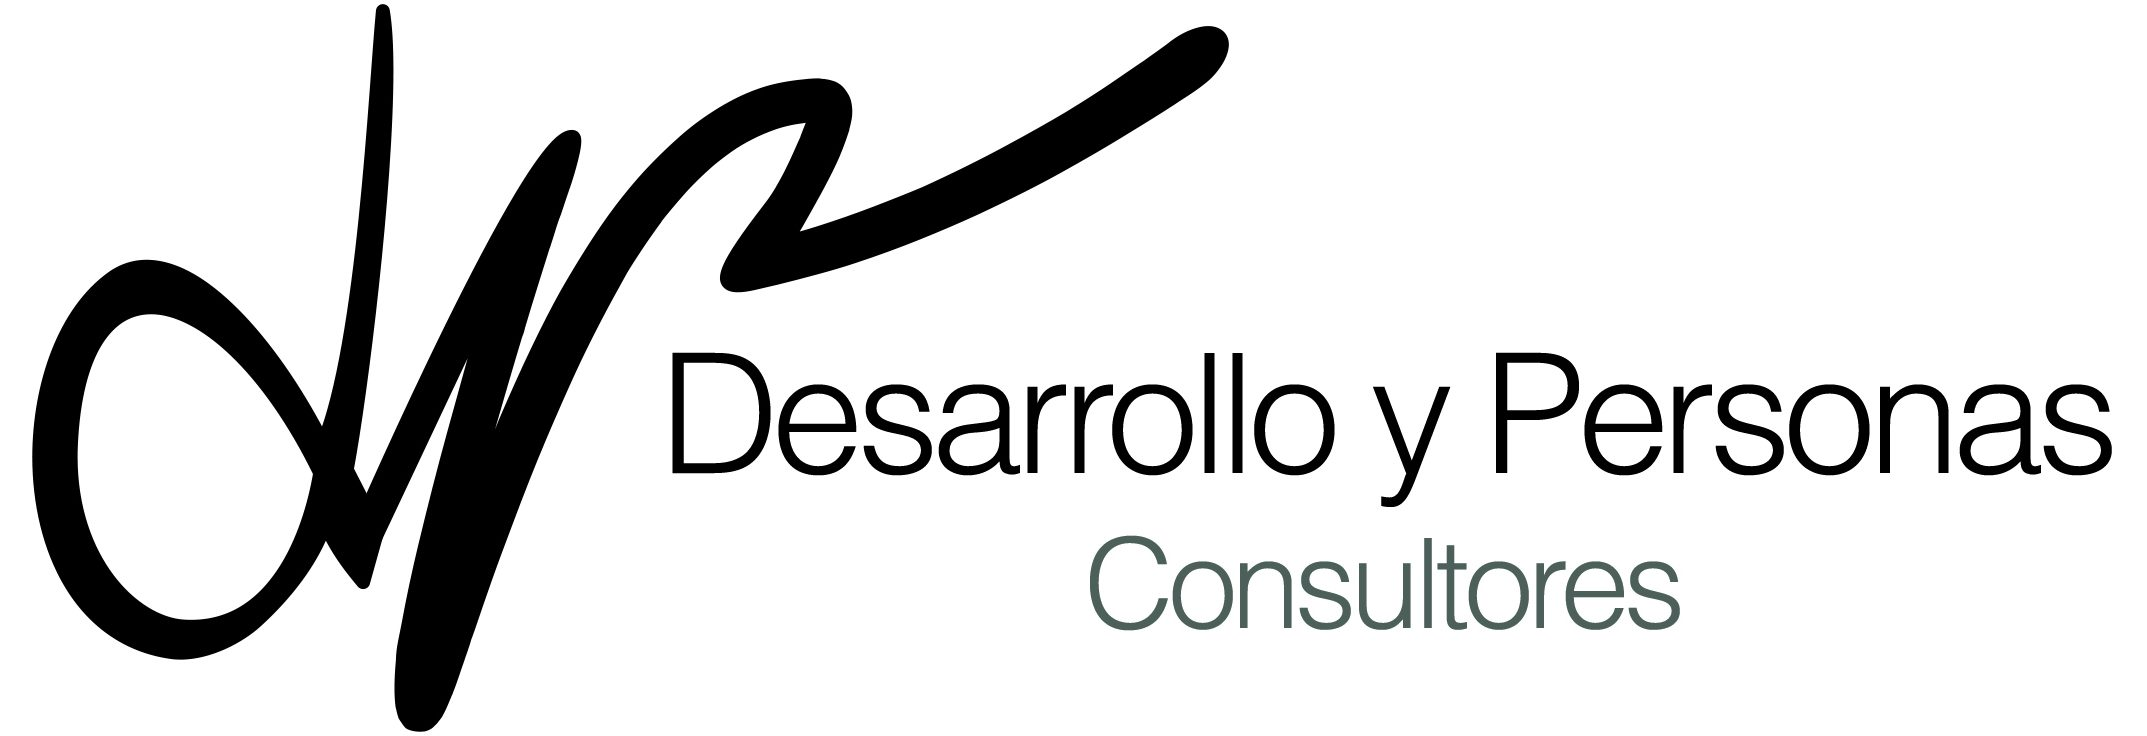 Desarrollo y Personas Consultores